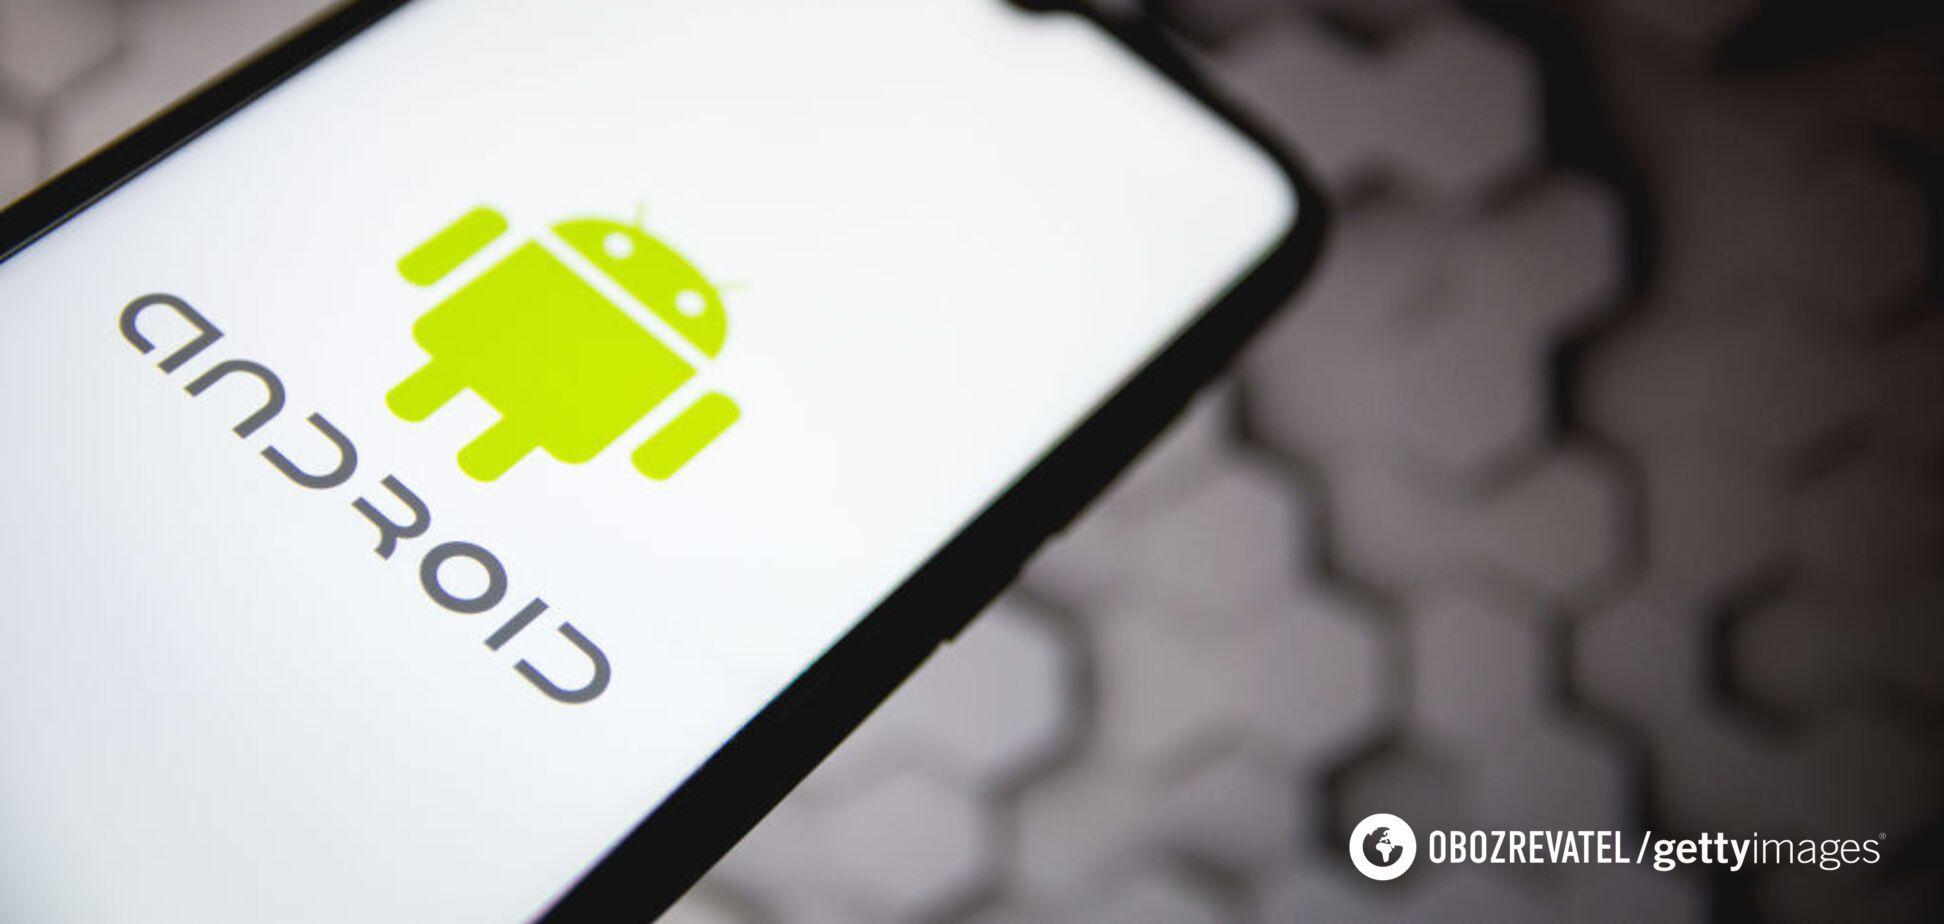 Google припинила підтримку пристроїв зі старими версіями Android: що потрібно знати користувачам